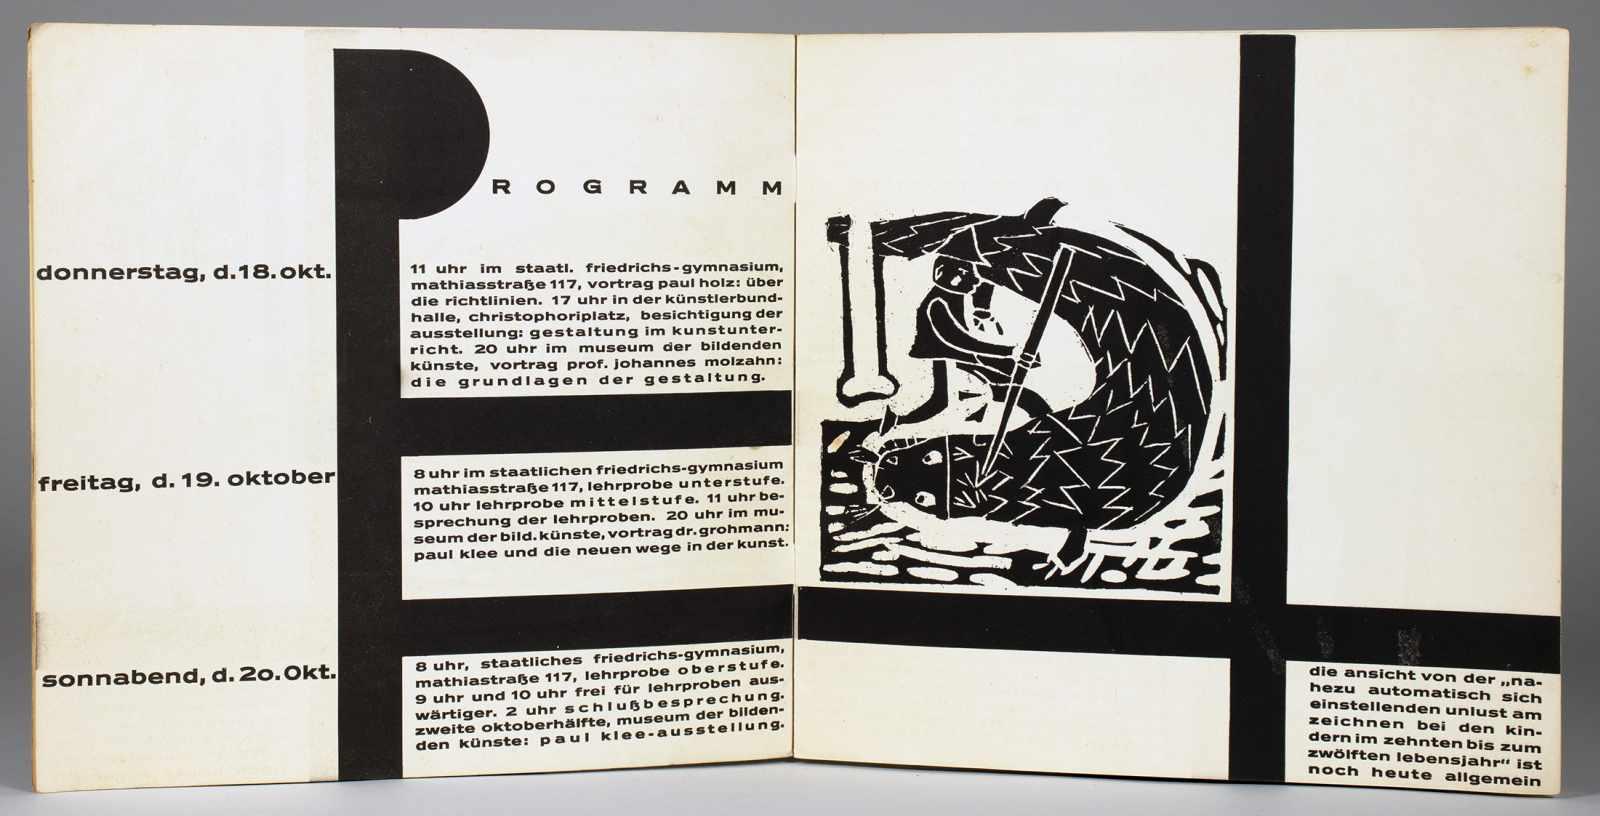 Johannes Molzahn - Gestaltung, Gestaltung. Zur schlesischen Arbeitsgemeinschaft für Zeichen- u. - Image 2 of 4